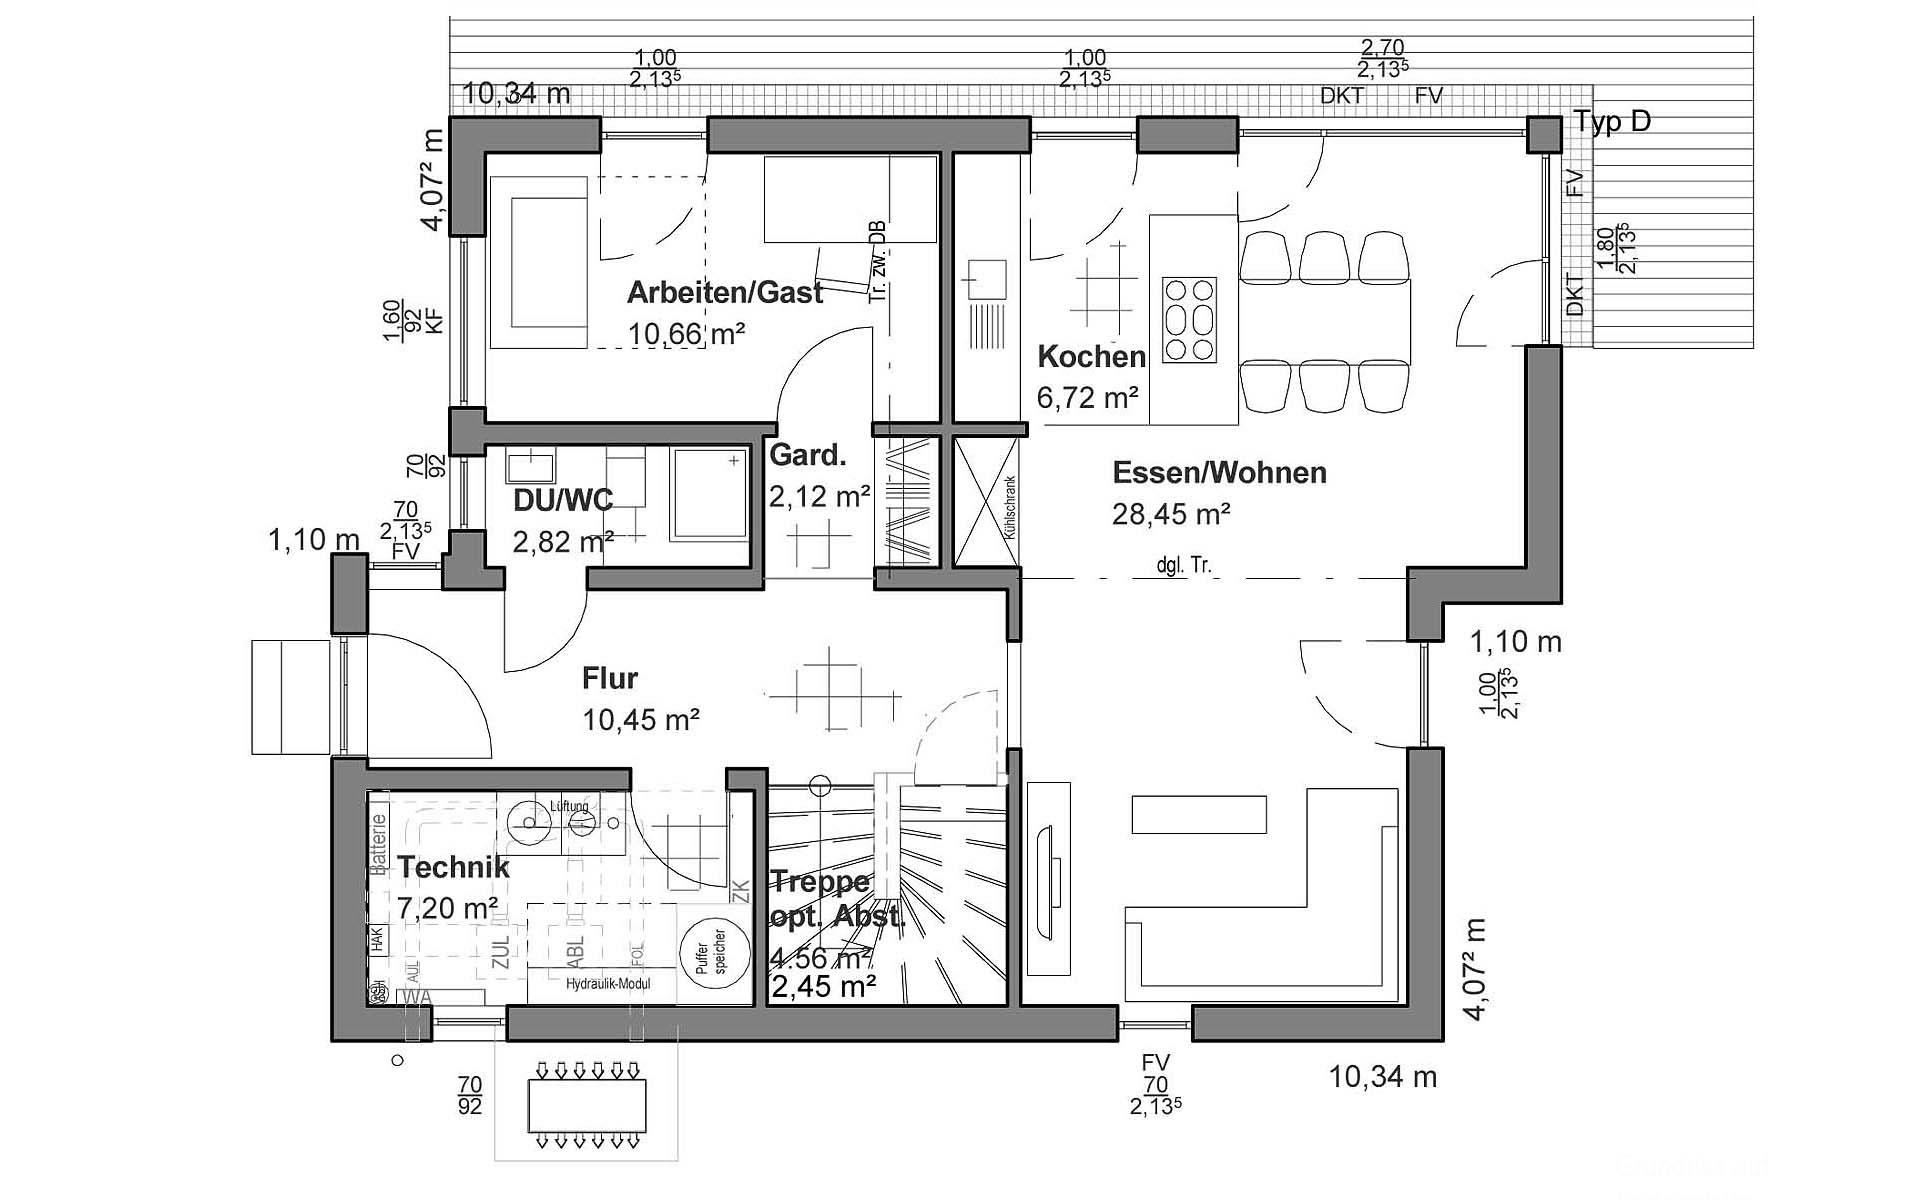 Erdgeschoss Pultdach Modern von LUXHAUS Vertrieb GmbH & Co. KG